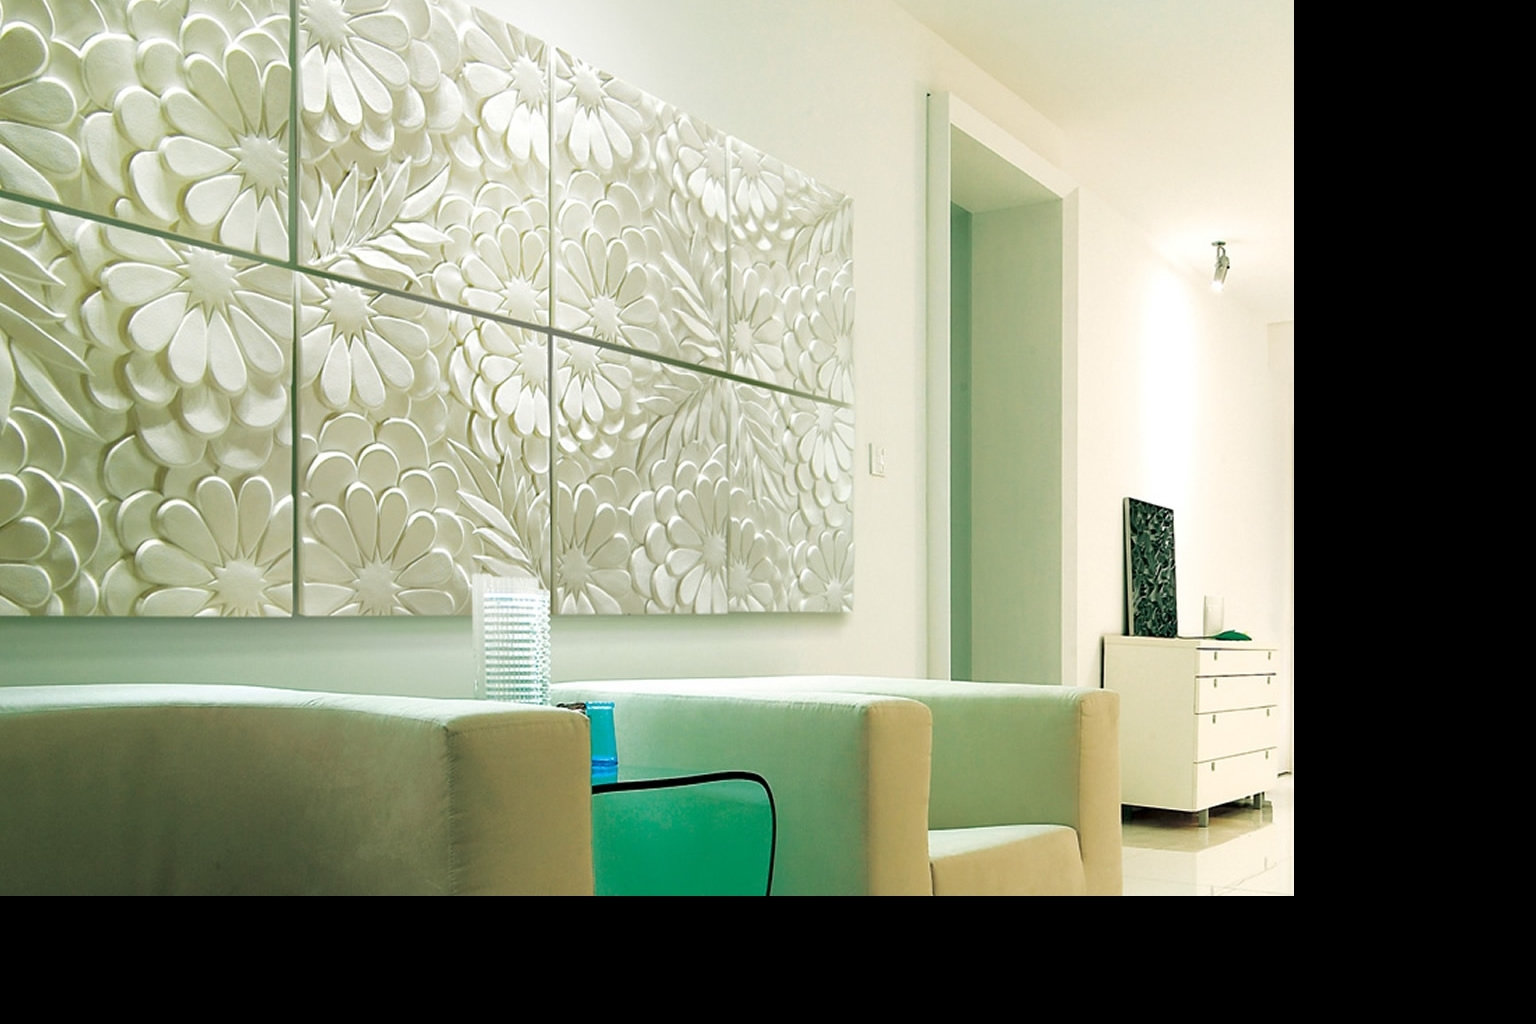 South Africa Wall Art 3D In 2017 Wall Art Ideas Design : South Africa 3D Wall Art Panels Design (View 8 of 15)